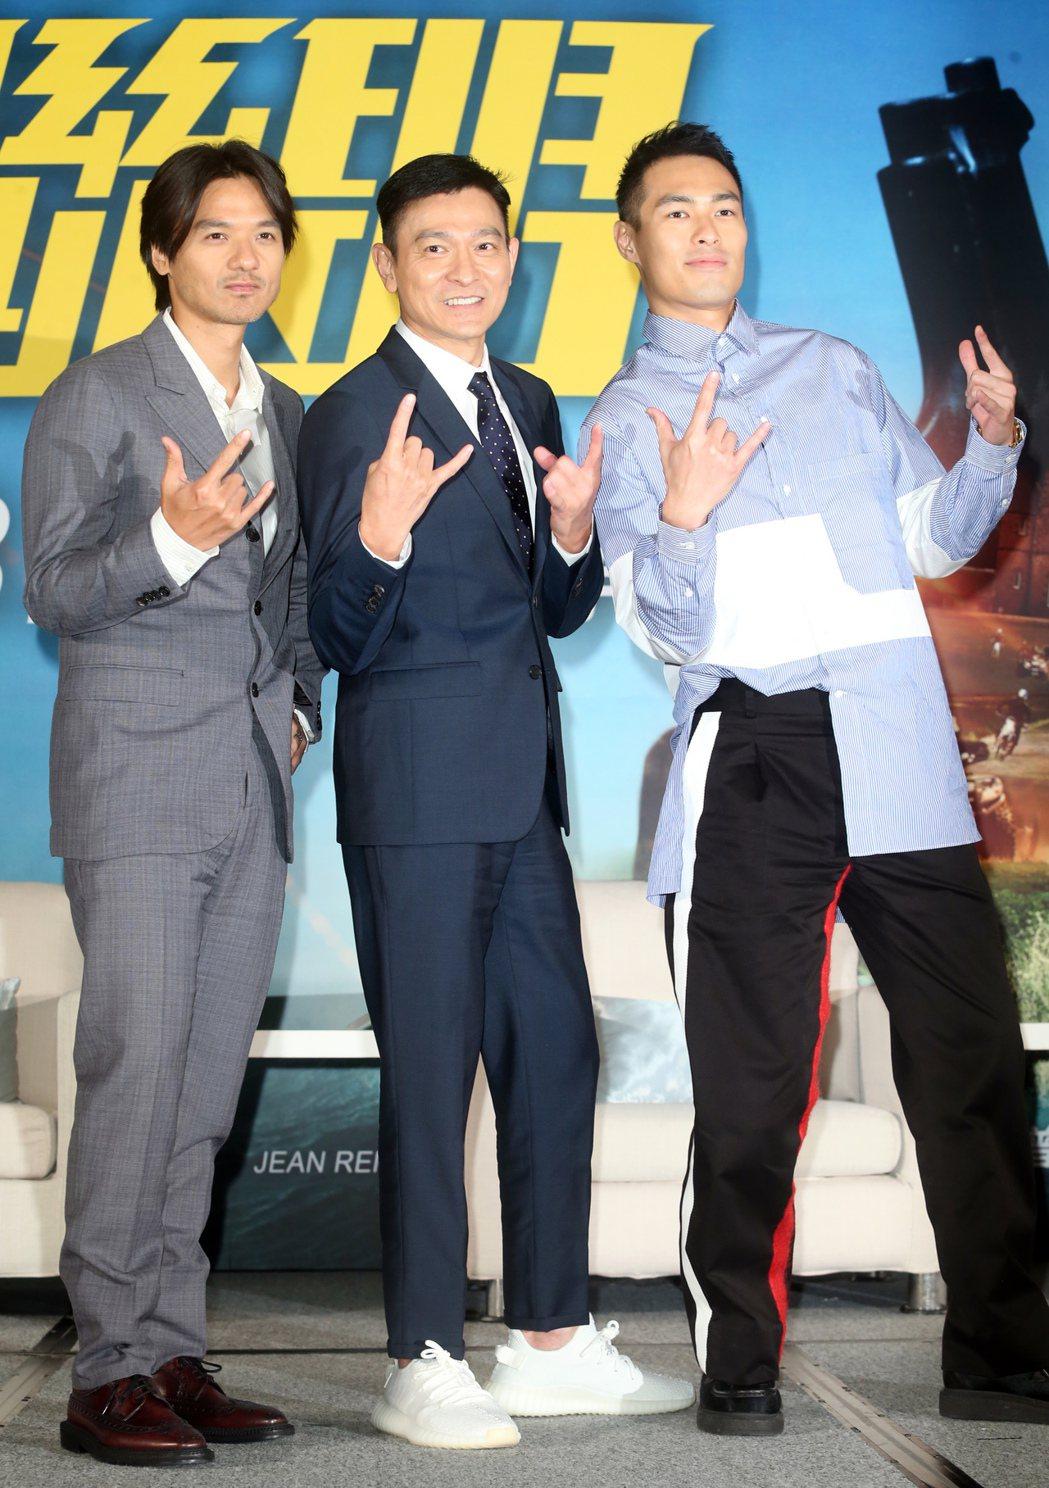 港星劉德華(中)與馮德倫(左)、楊祐寧(右)出席台北文華東方記者會為新片《俠盜聯